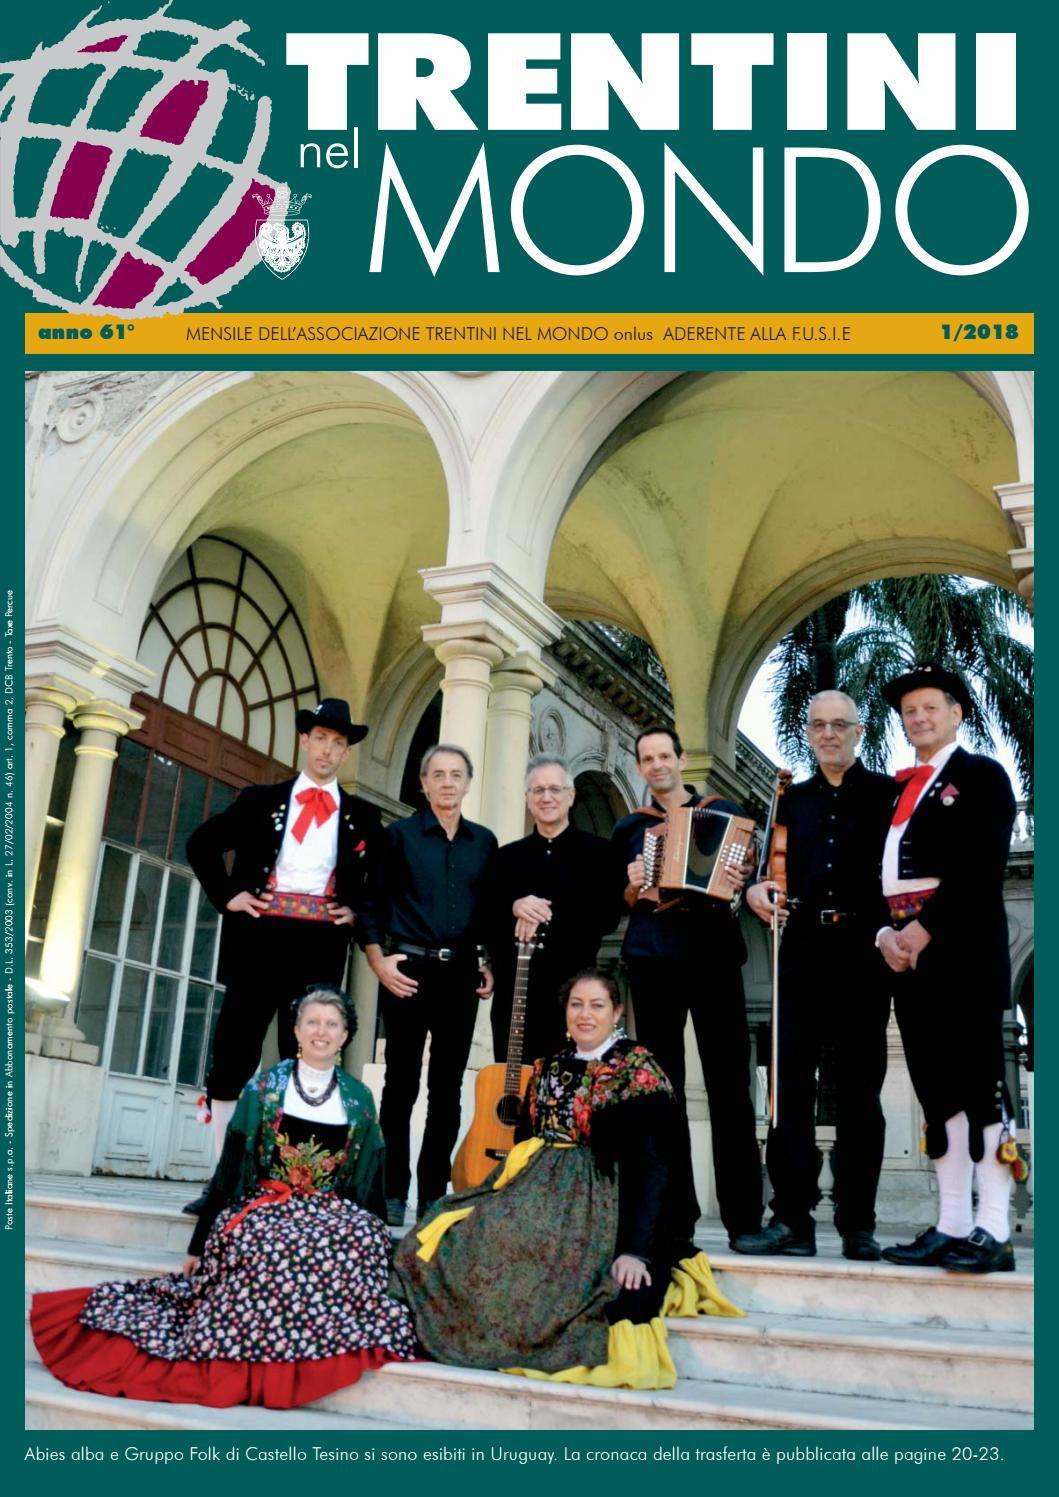 siti di incontri gratuiti Wollongong